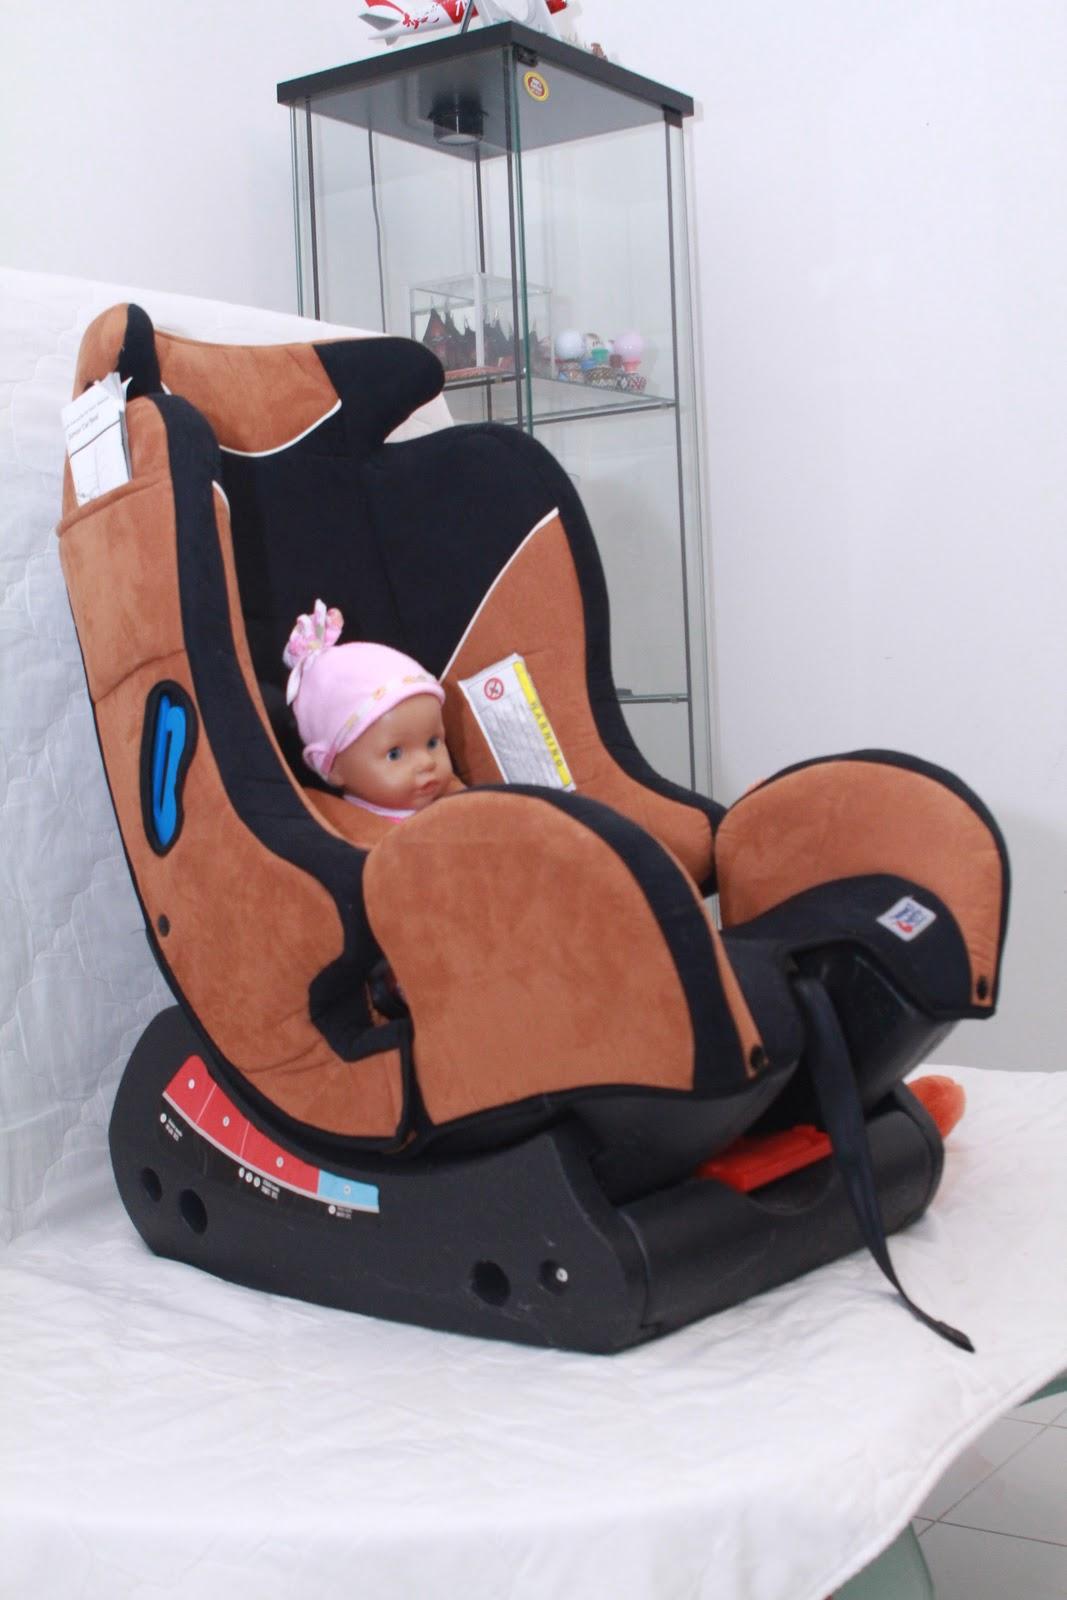 my garage sale sale no 2 used car seat sold. Black Bedroom Furniture Sets. Home Design Ideas